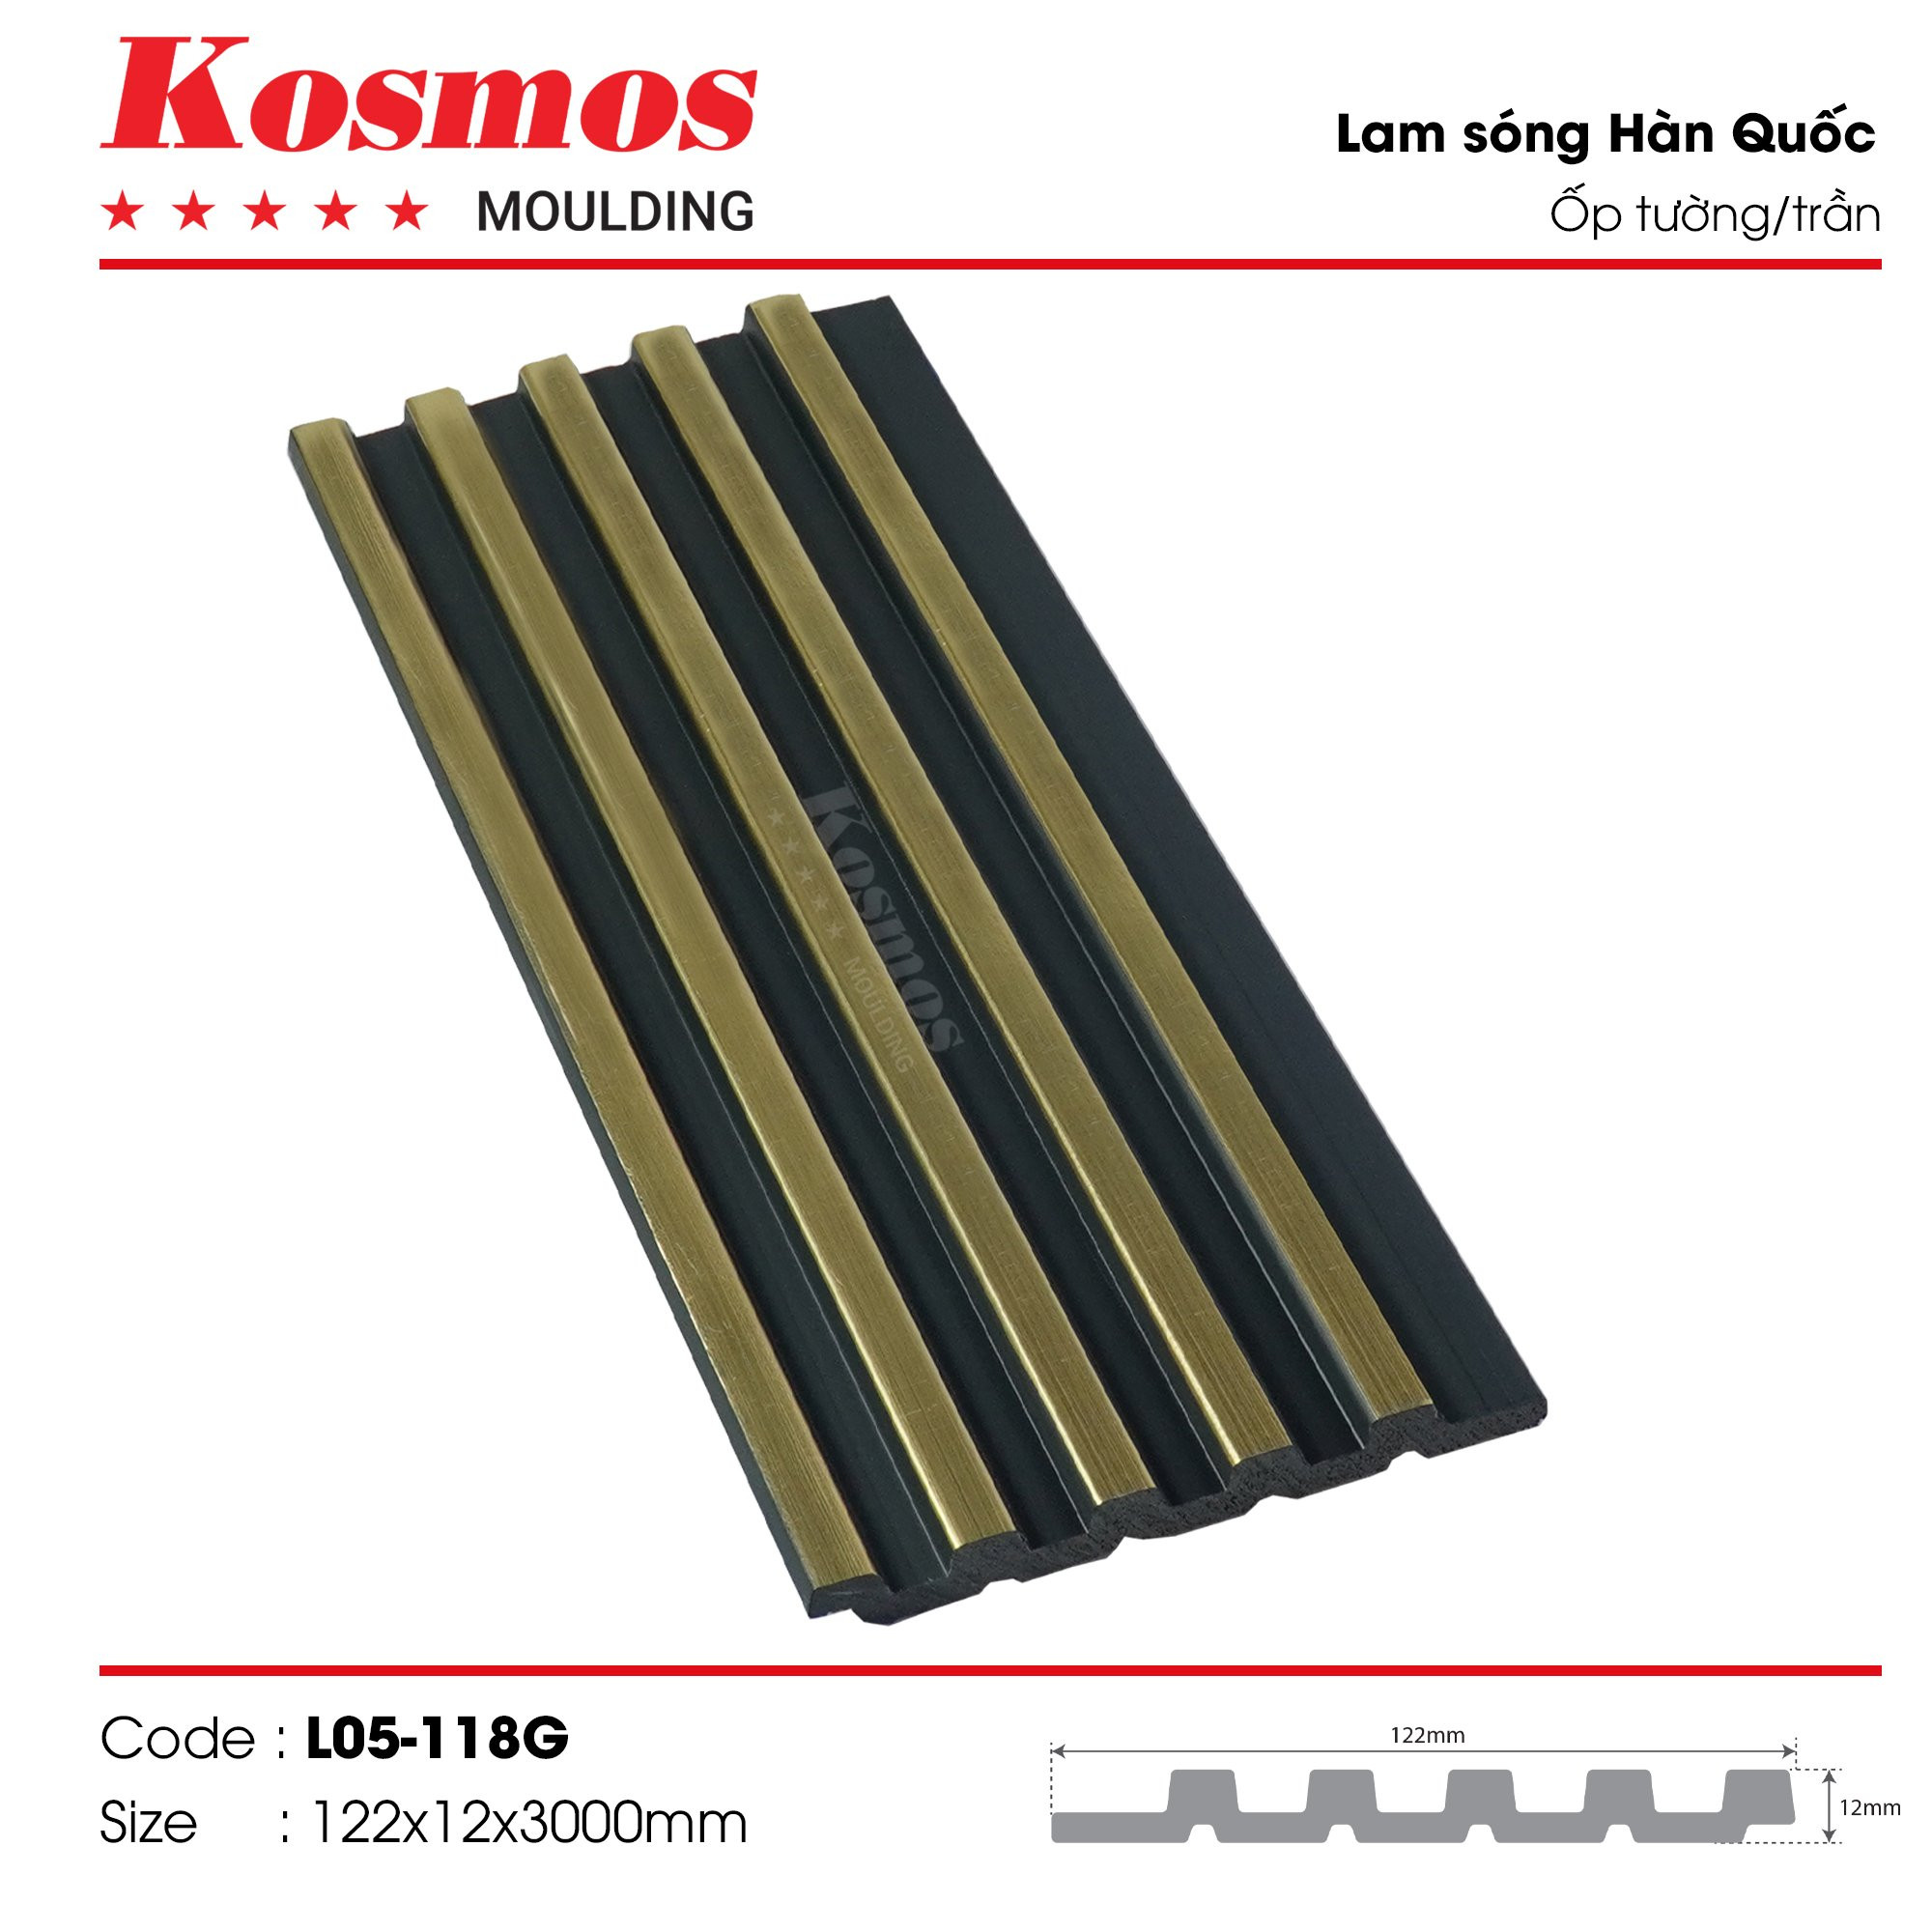 LAM SÓNG KOSMOS MOULDING LO5-118G